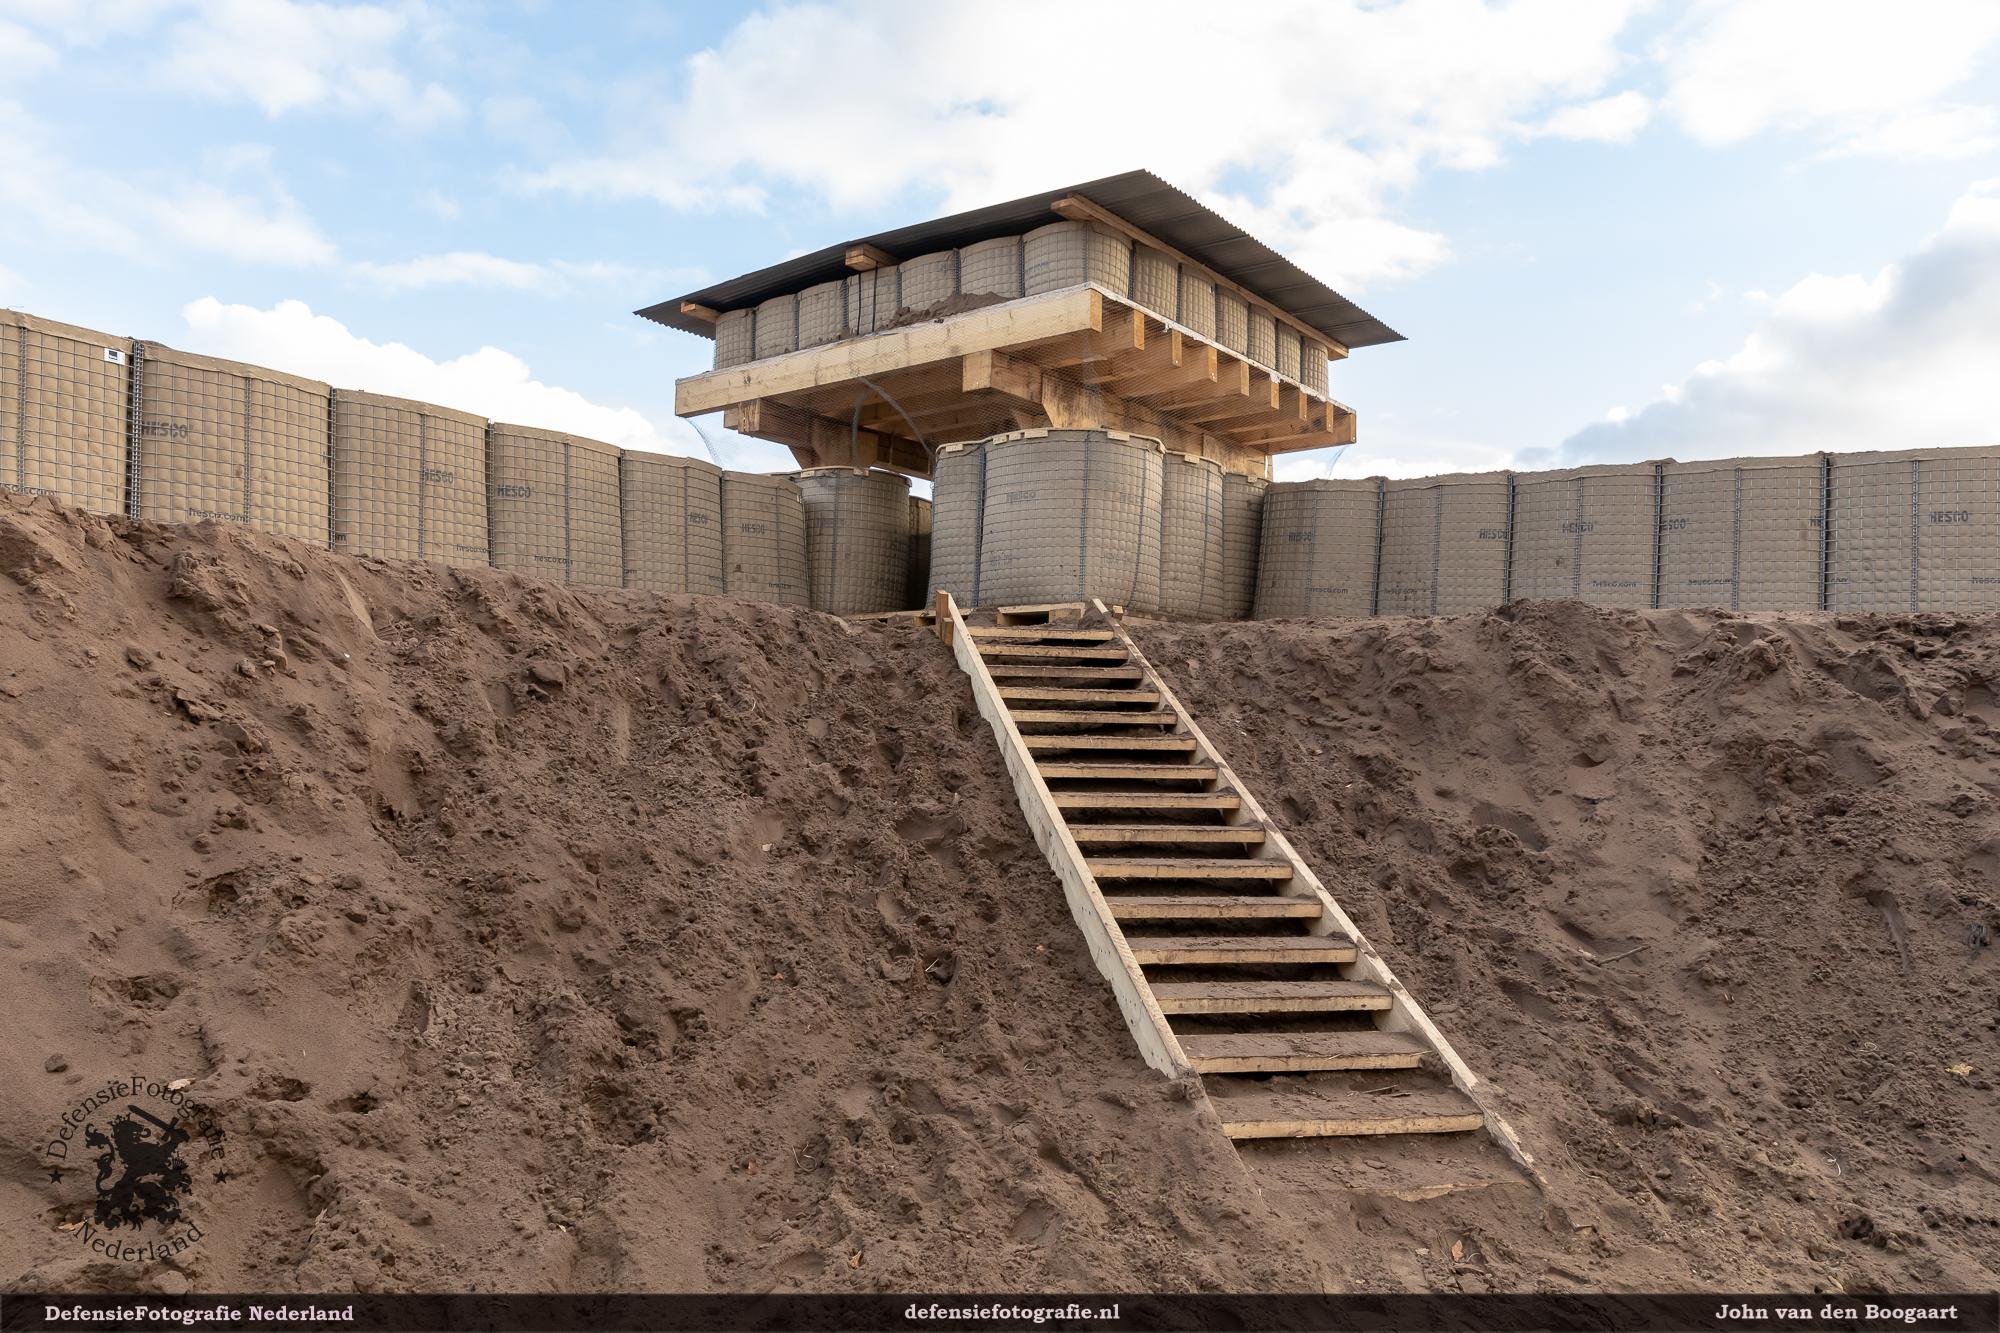 Wachttoren/observationpoint